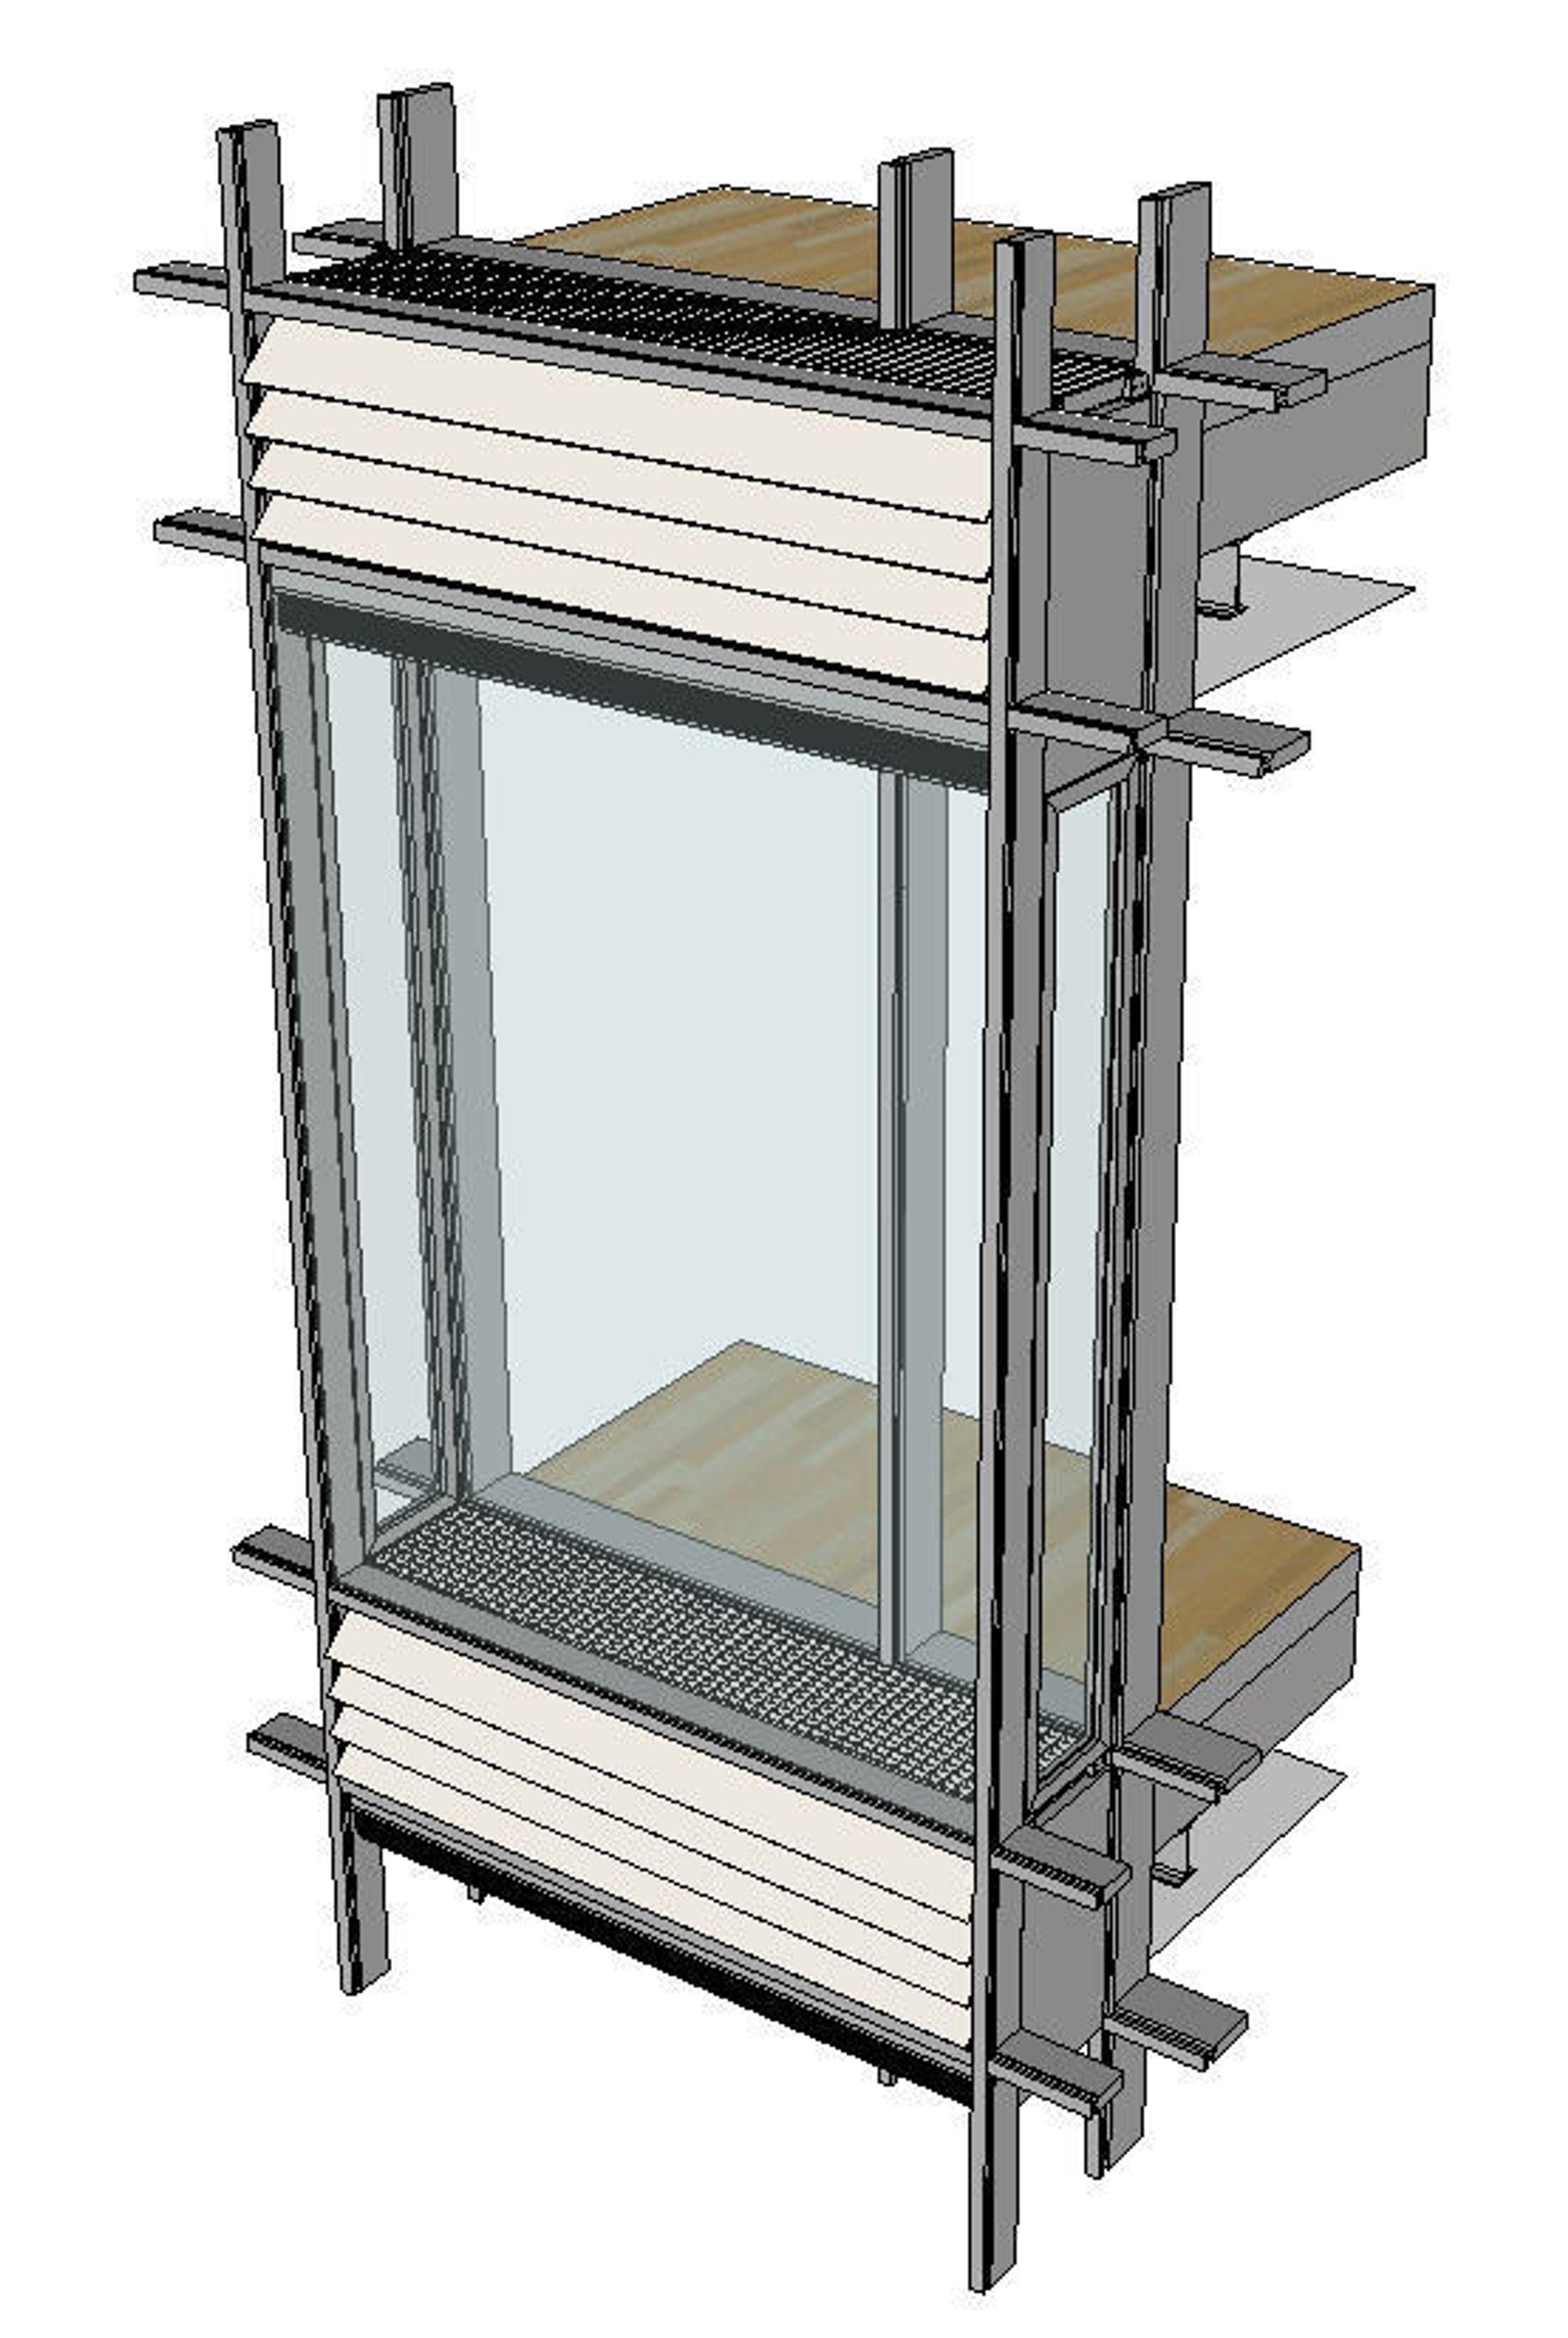 KONSEPTET: Øverst og nederst er inn- og utslipp av luft mellom de to glassjiktene. «Luftehullene» er dekket av lameller som kan styres automatisk for å regulere luftinntaket.